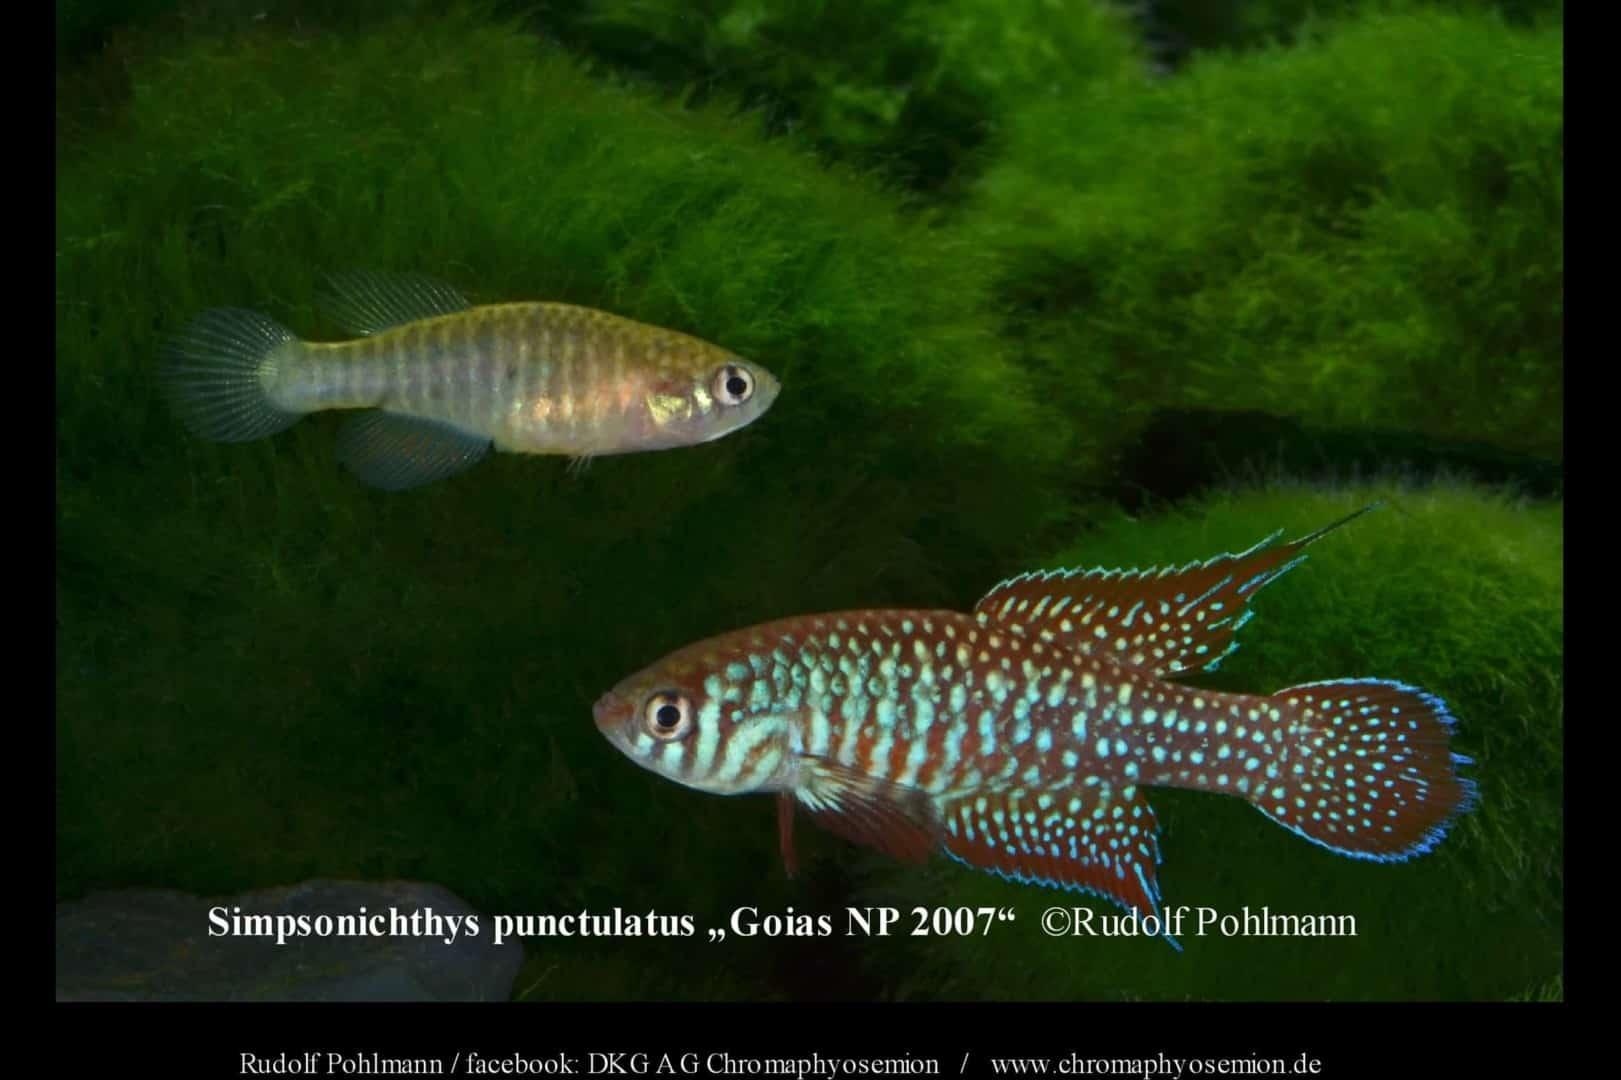 Simpsonichthys punctulatus – Punctulatus kleiner Fächerfisch 4